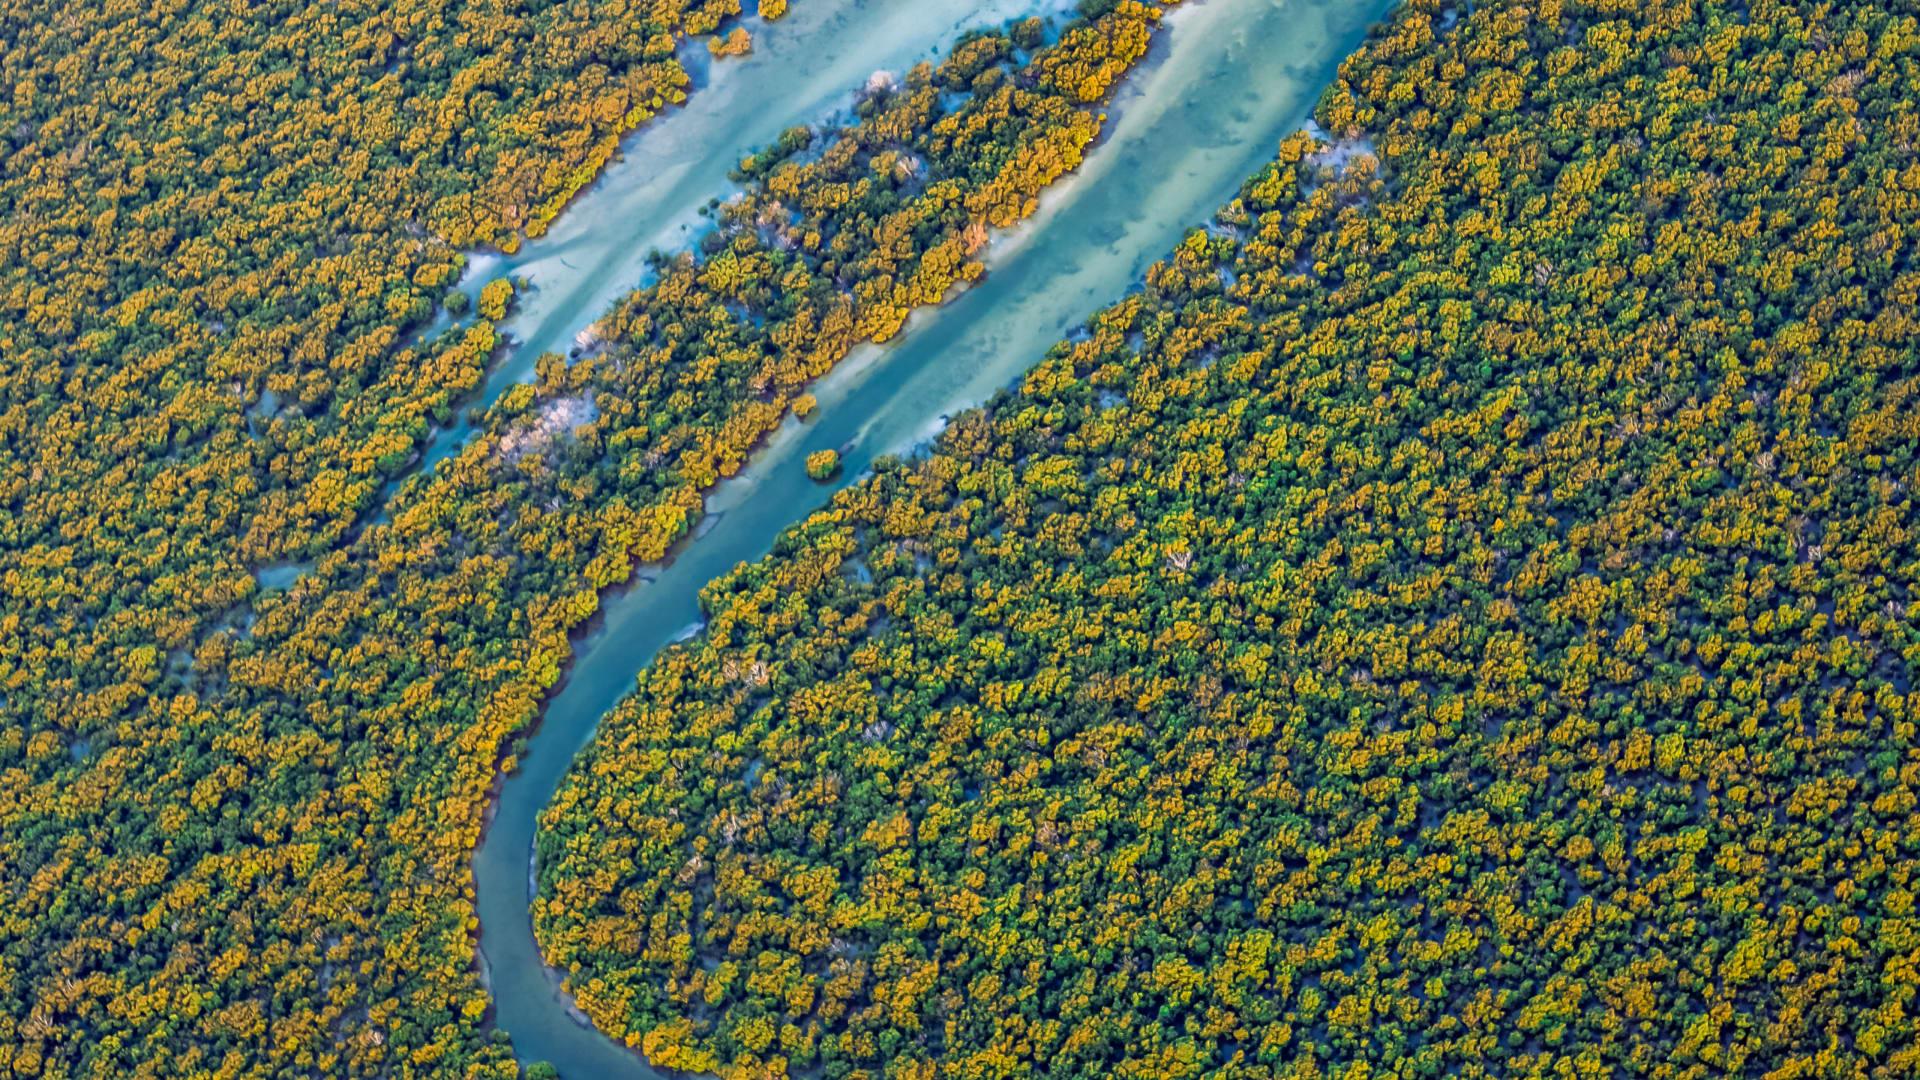 مصورة توثق مشاهد جوية حالمة لأشجار القرم الزاهية في الذخيرة بقطر